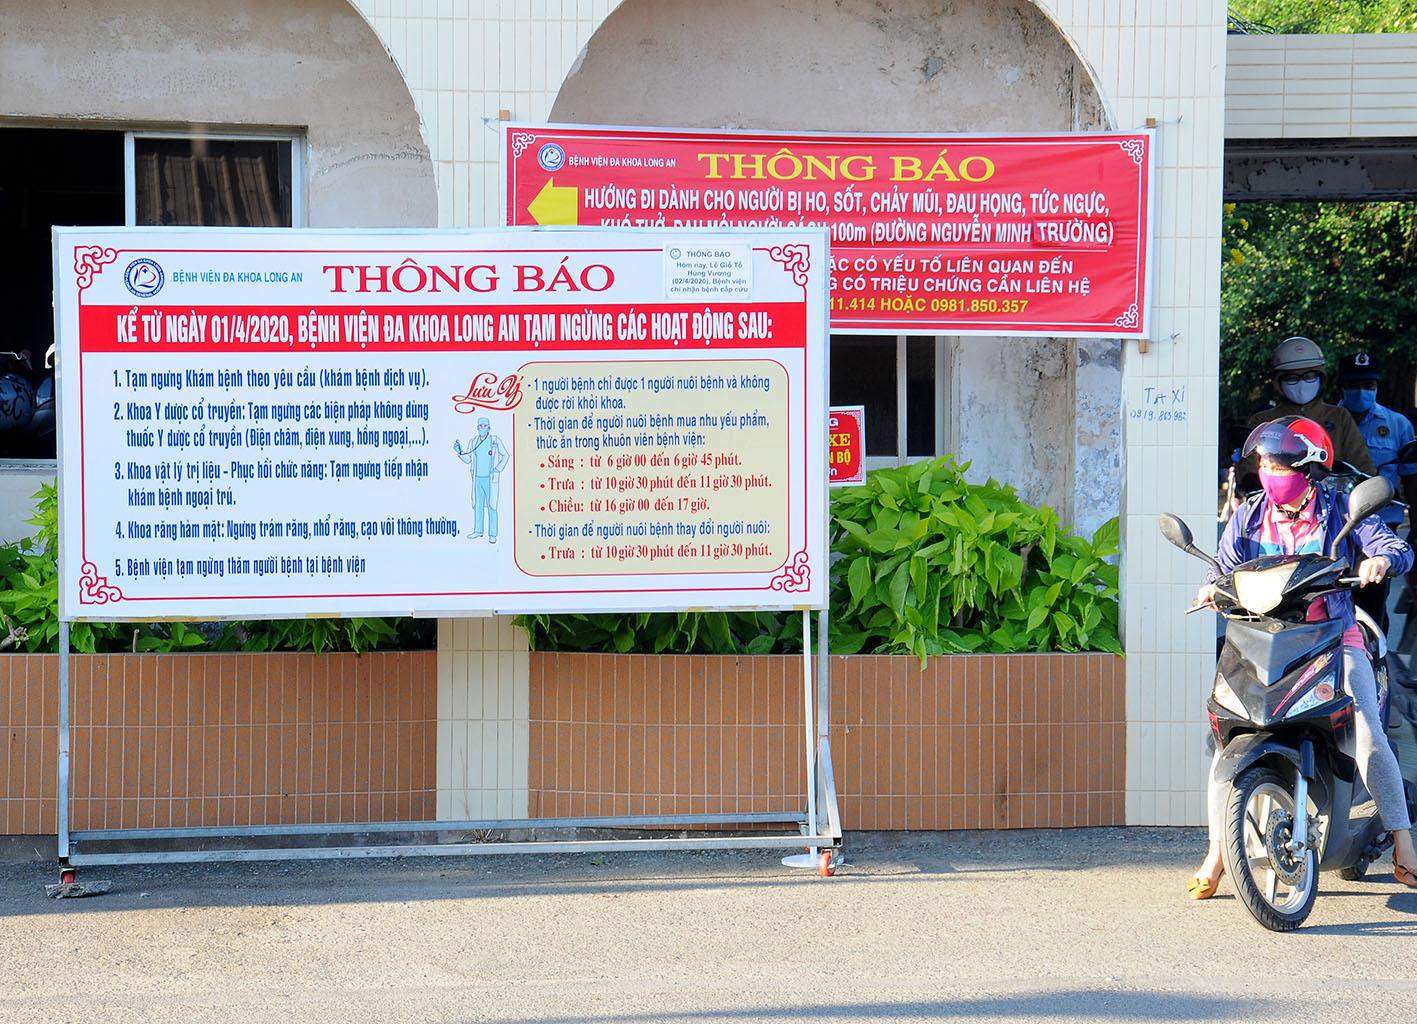 Bệnh viện Đa khoa Long An tạm ngưng hoạt động của Khu Khám bệnh theo yêu cầu